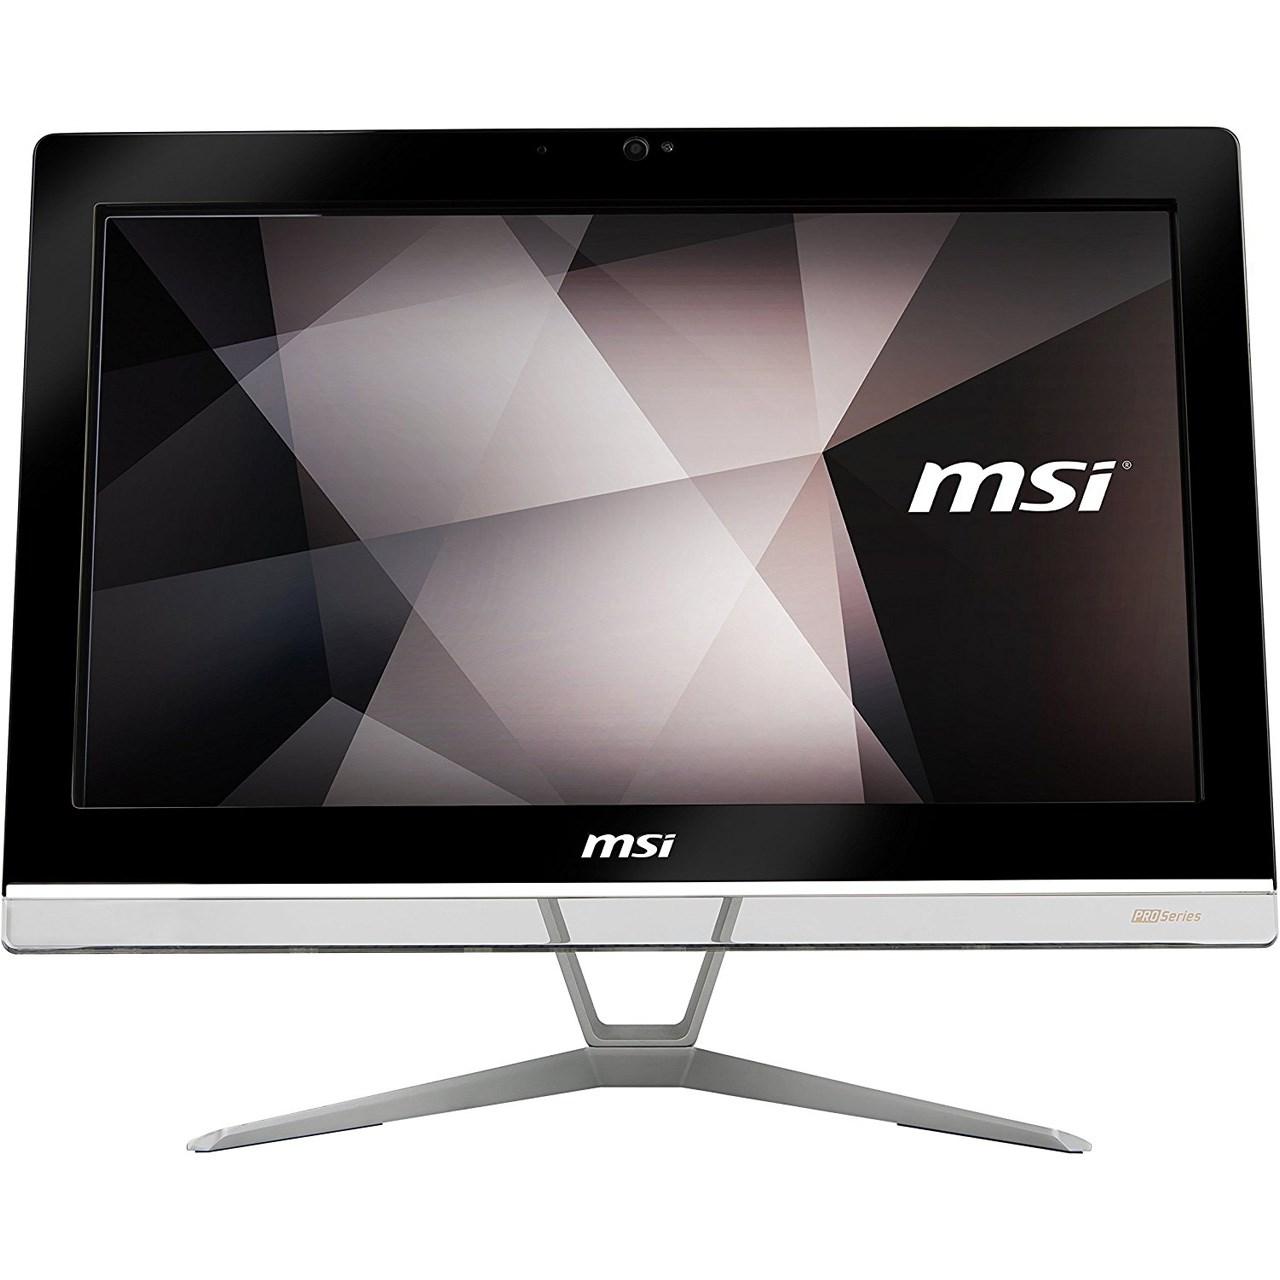 کامپیوتر همه کاره 19.5 اینچی ام اس آی مدل Pro 20 EXT 7M - E